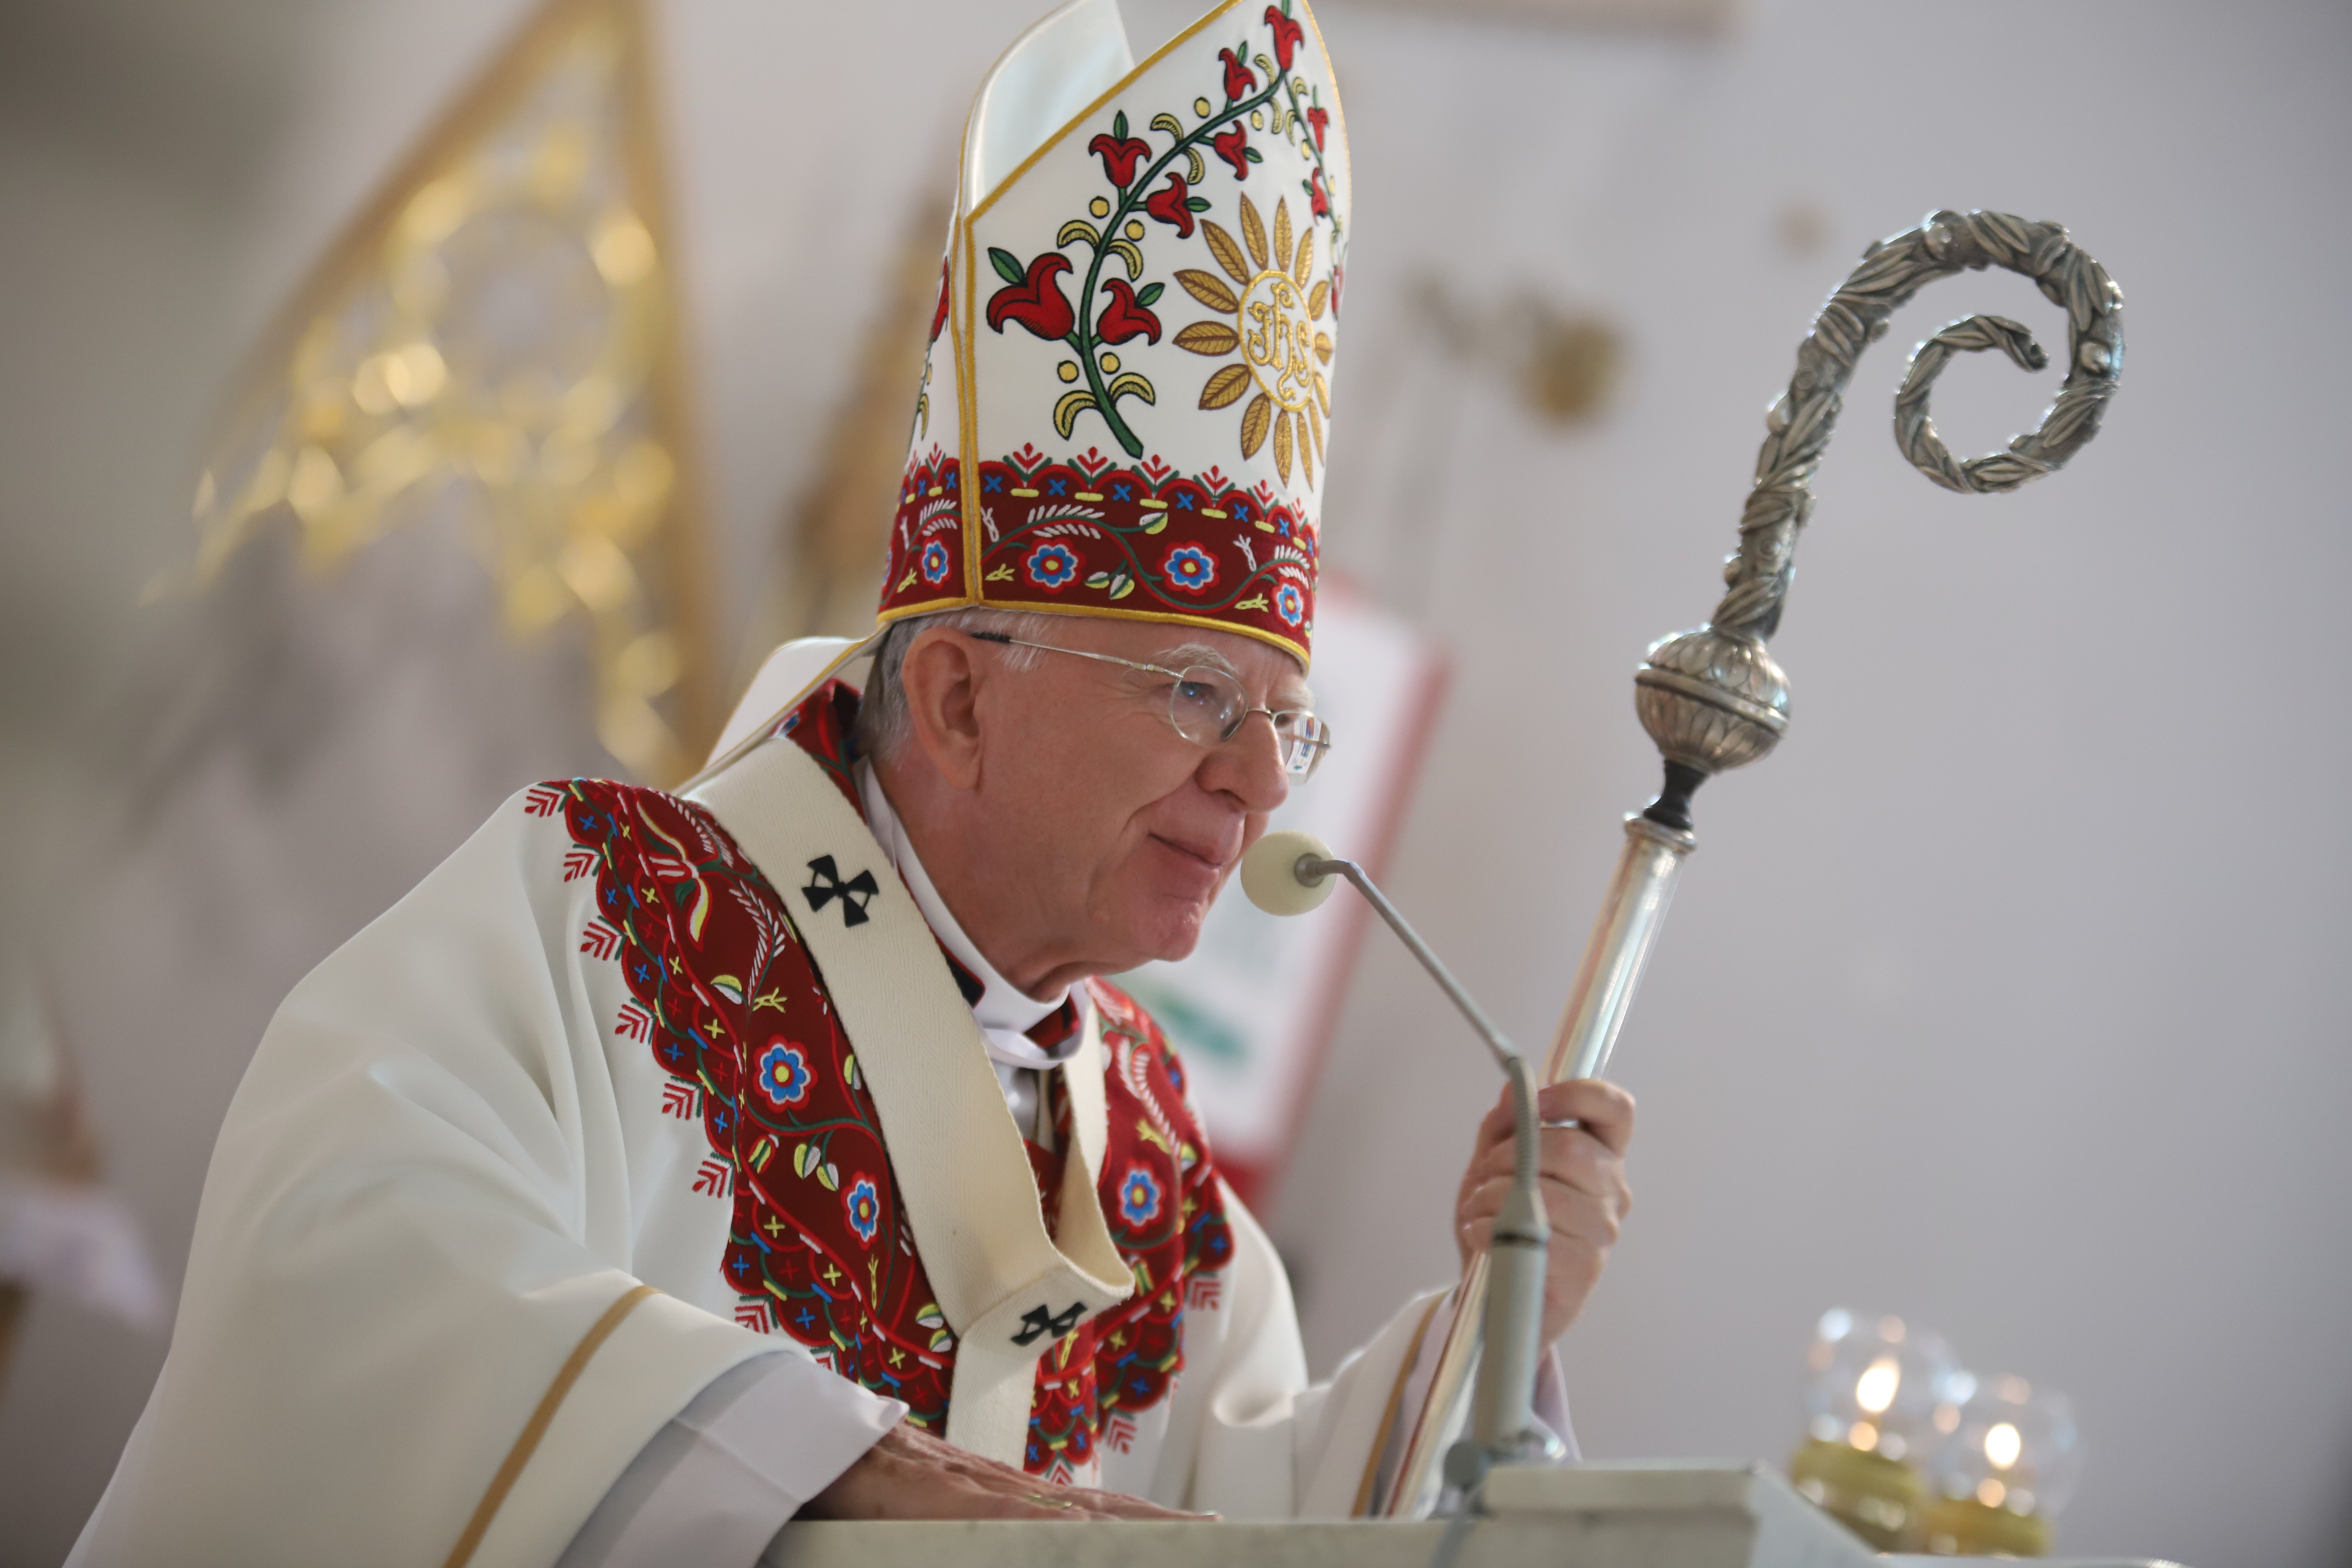 Abp Jędraszewski: Należy trwać przy krzyżu Chrystusa i odnajdywać w nim nadzieję życia wiecznego.